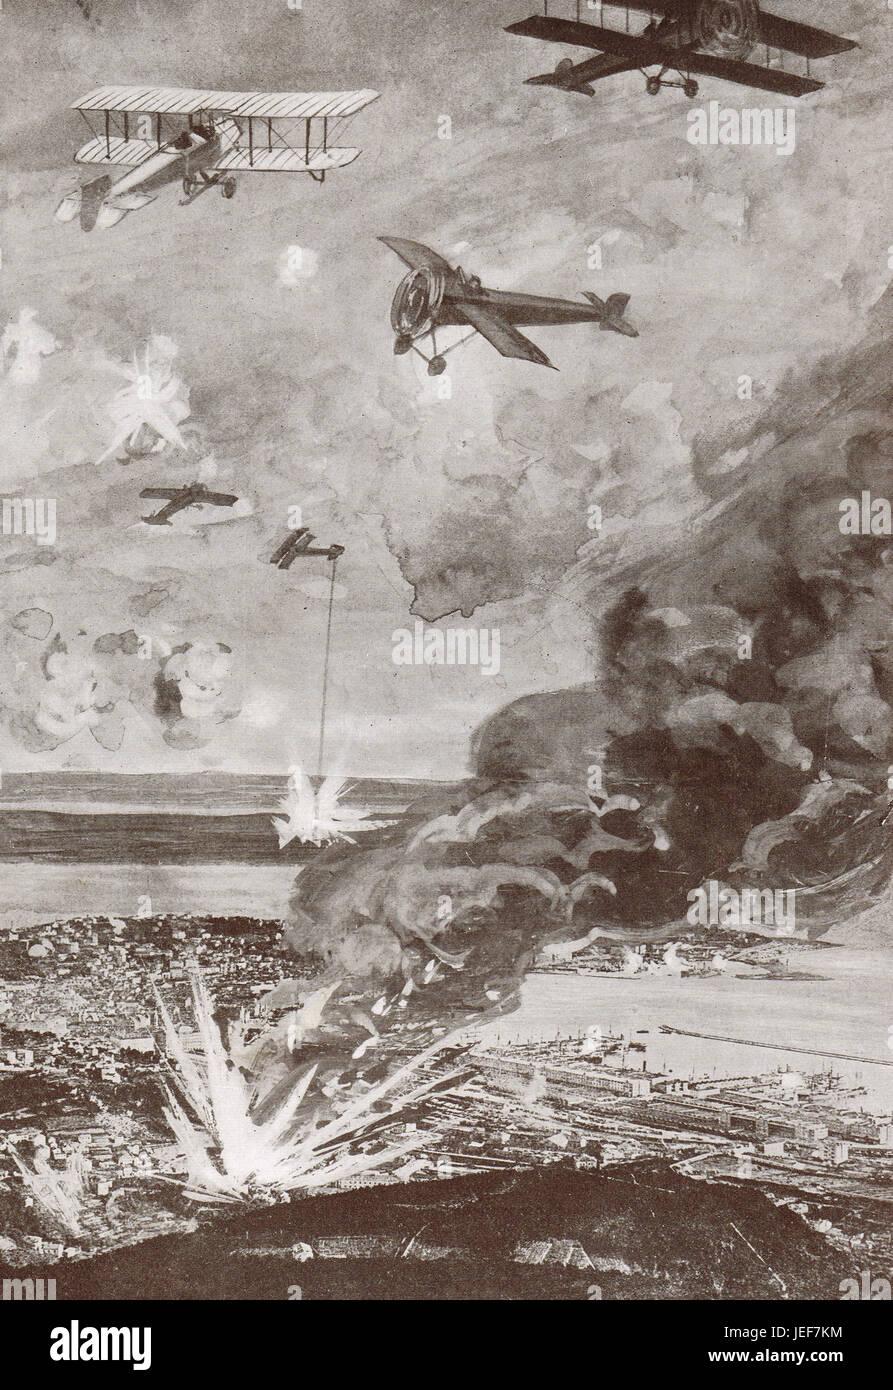 Forza Aerea Italiana attacco Sant' Andrea fabbrica di munizioni, Trieste, 1915 Immagini Stock